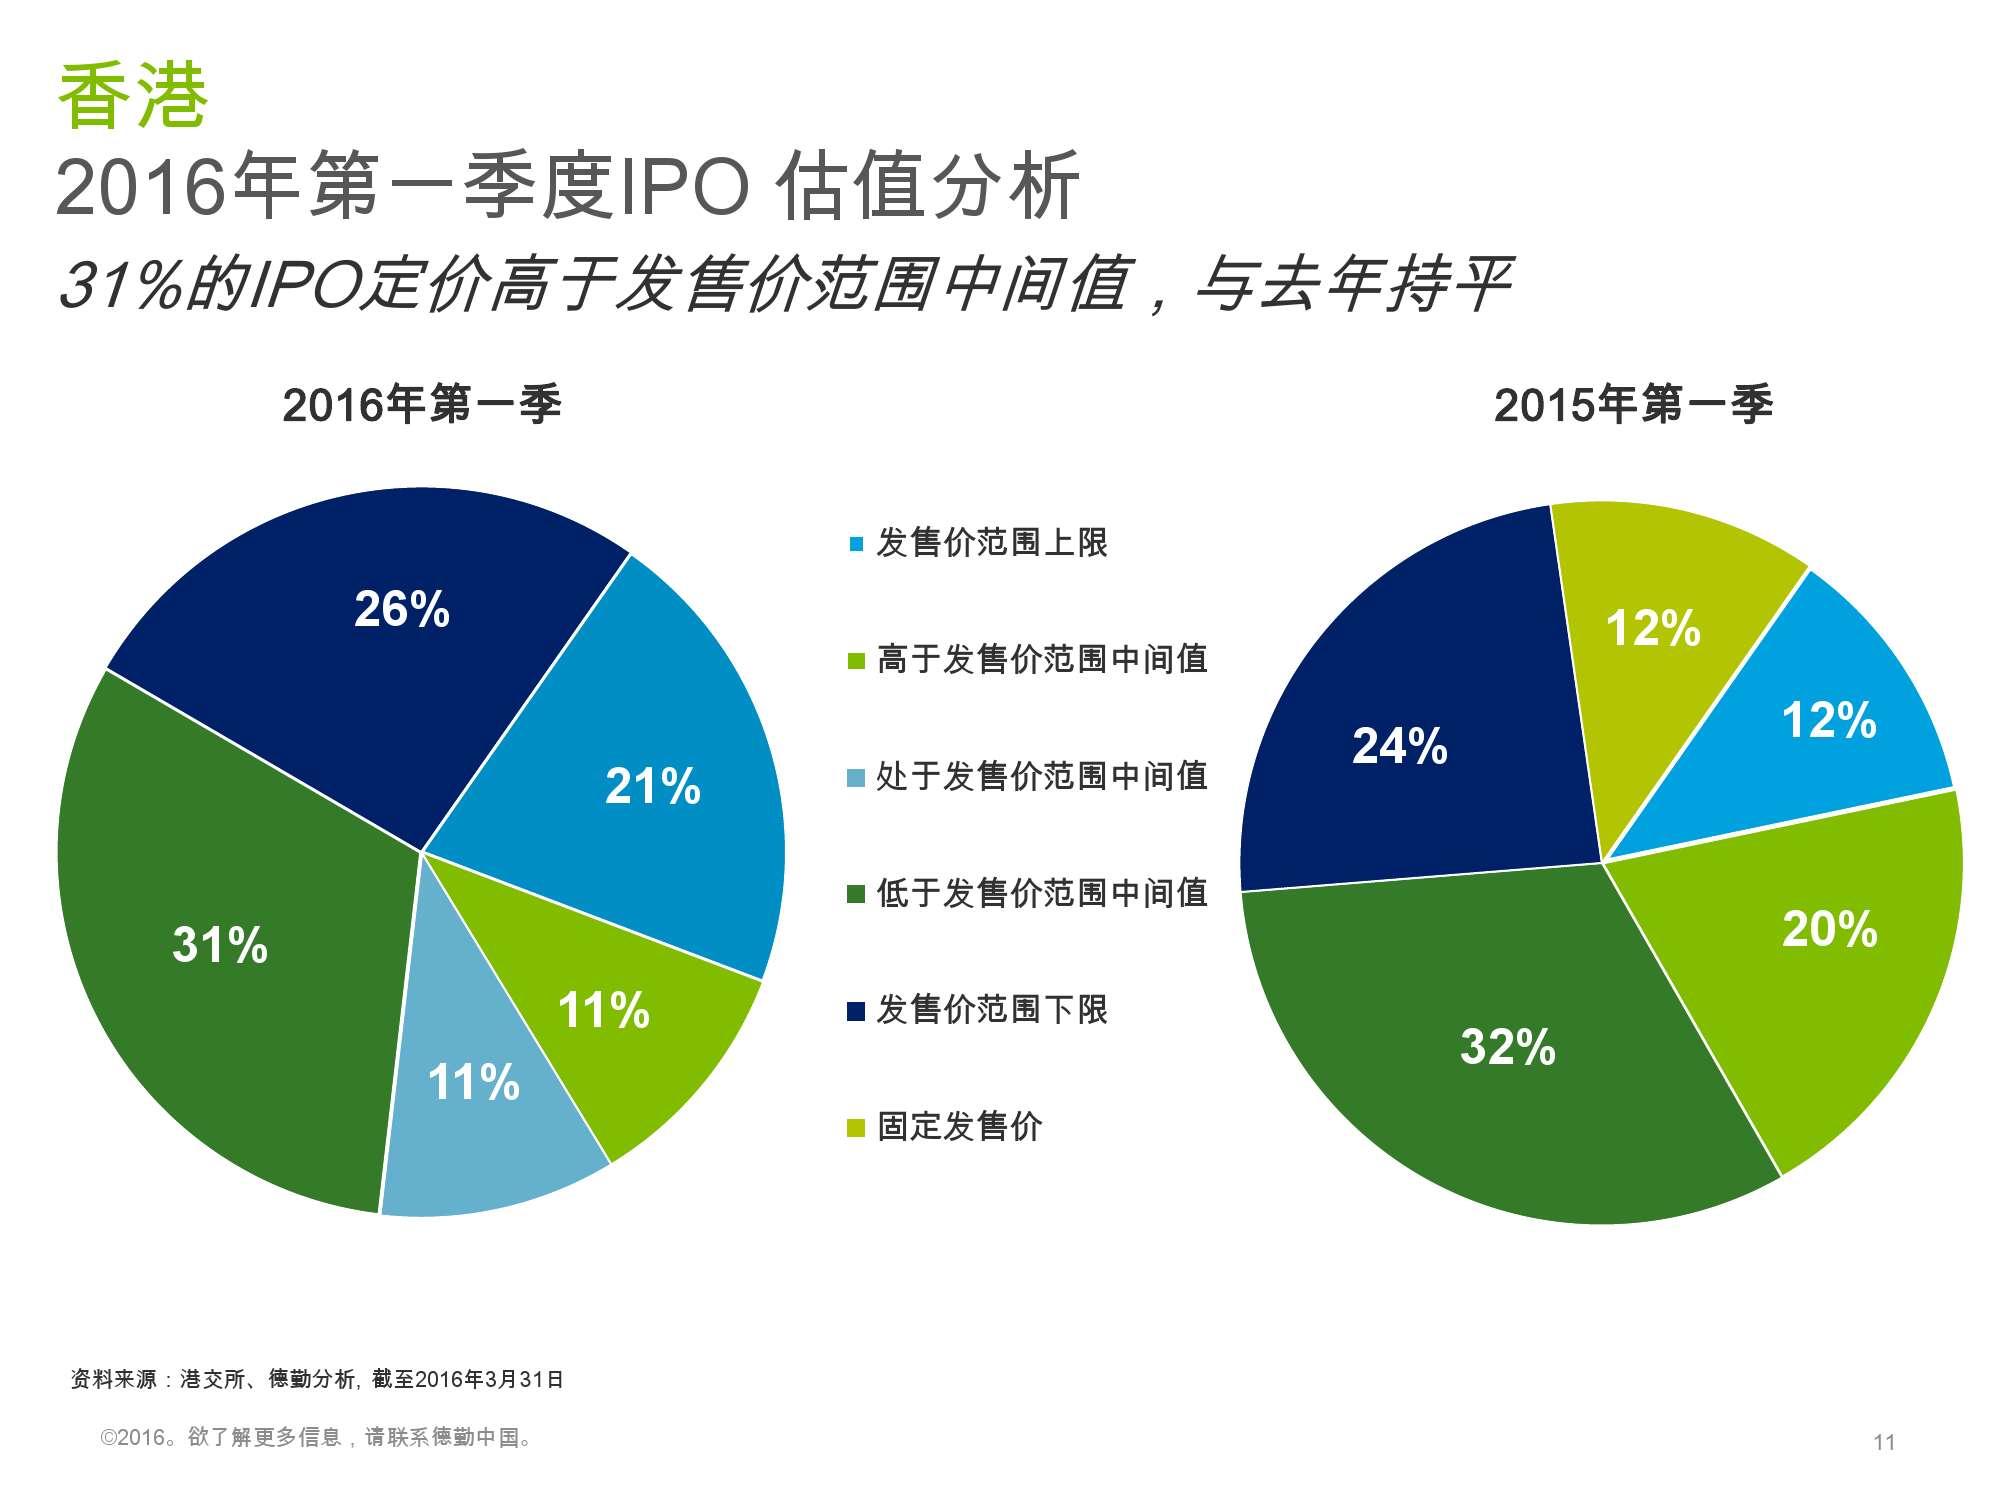 香港及中国大陆IPO市场2016年1季度_000011